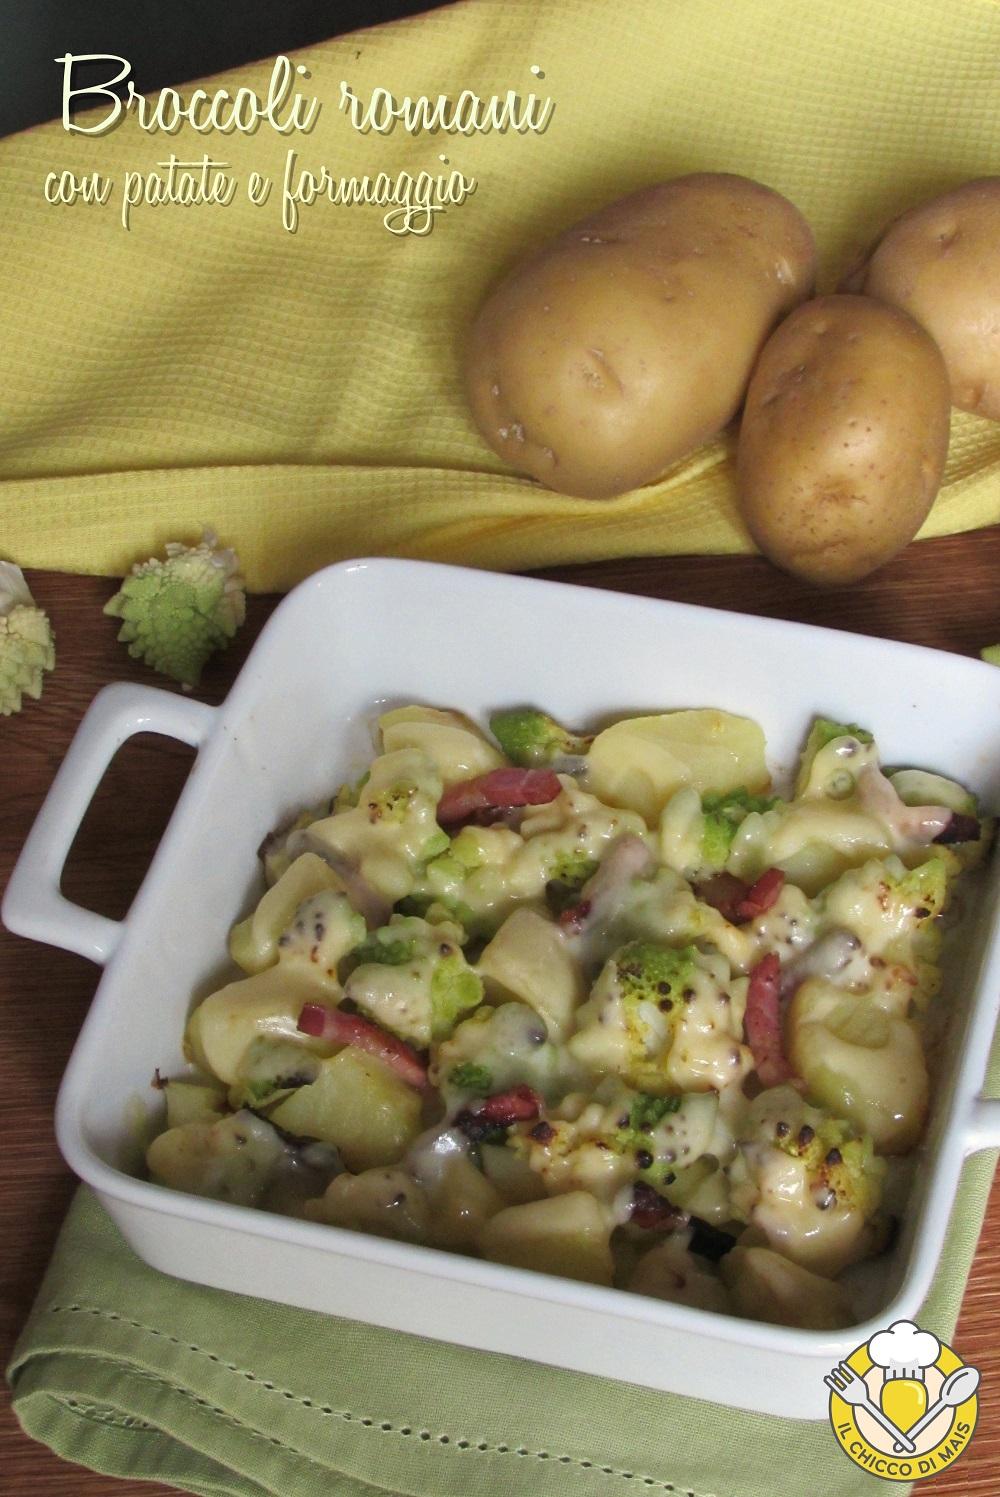 verticale_Broccoli romani con patate e formaggio ricetta al forno con pancetta il chicco di mais